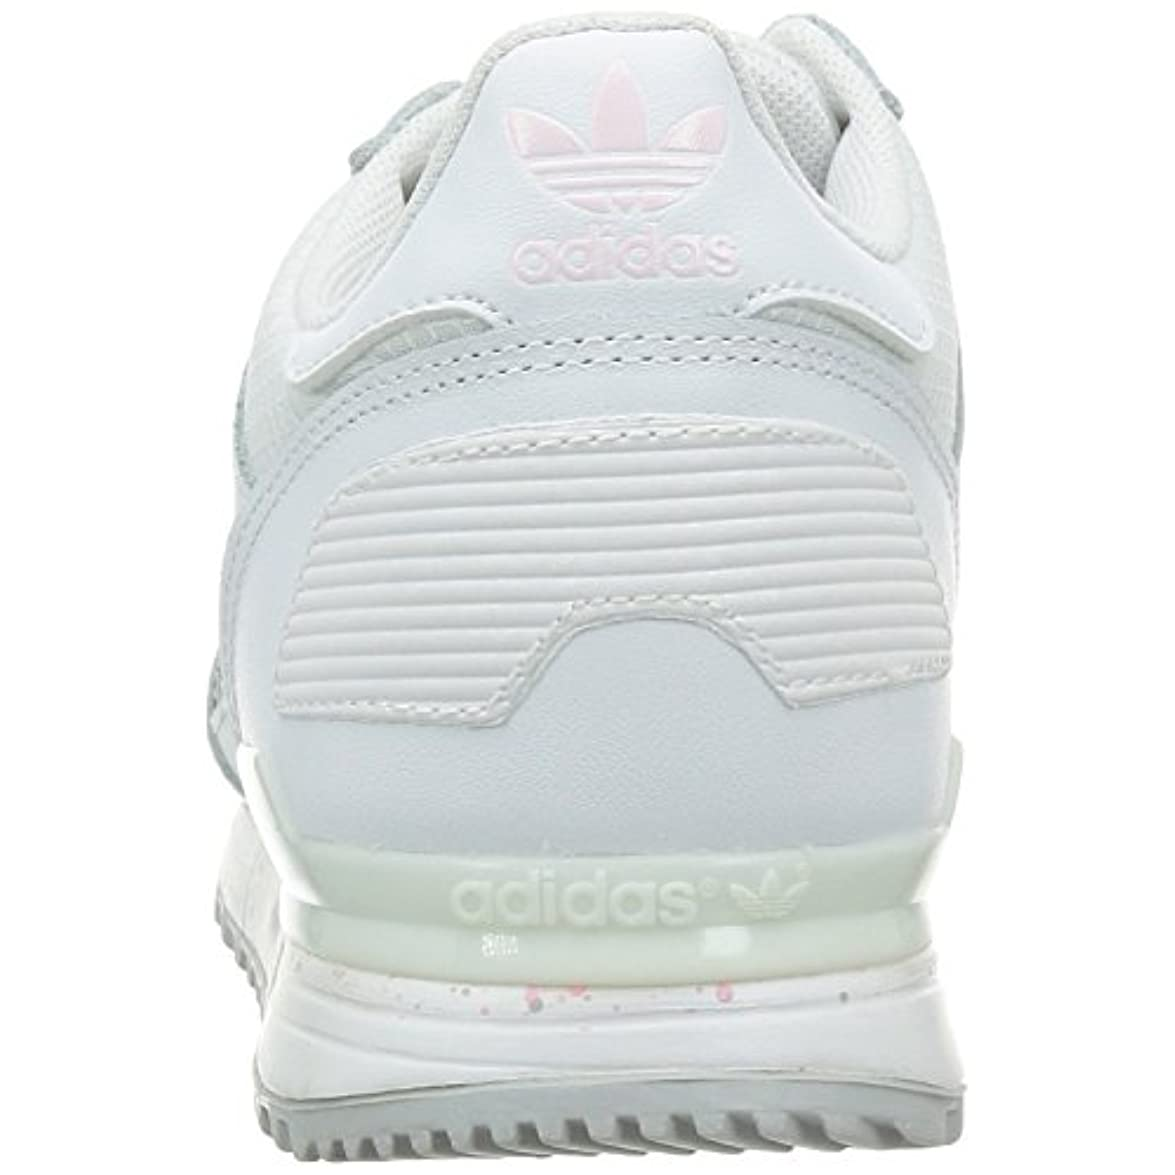 Adidas Zx 700 W Scarpe Low-top Donna